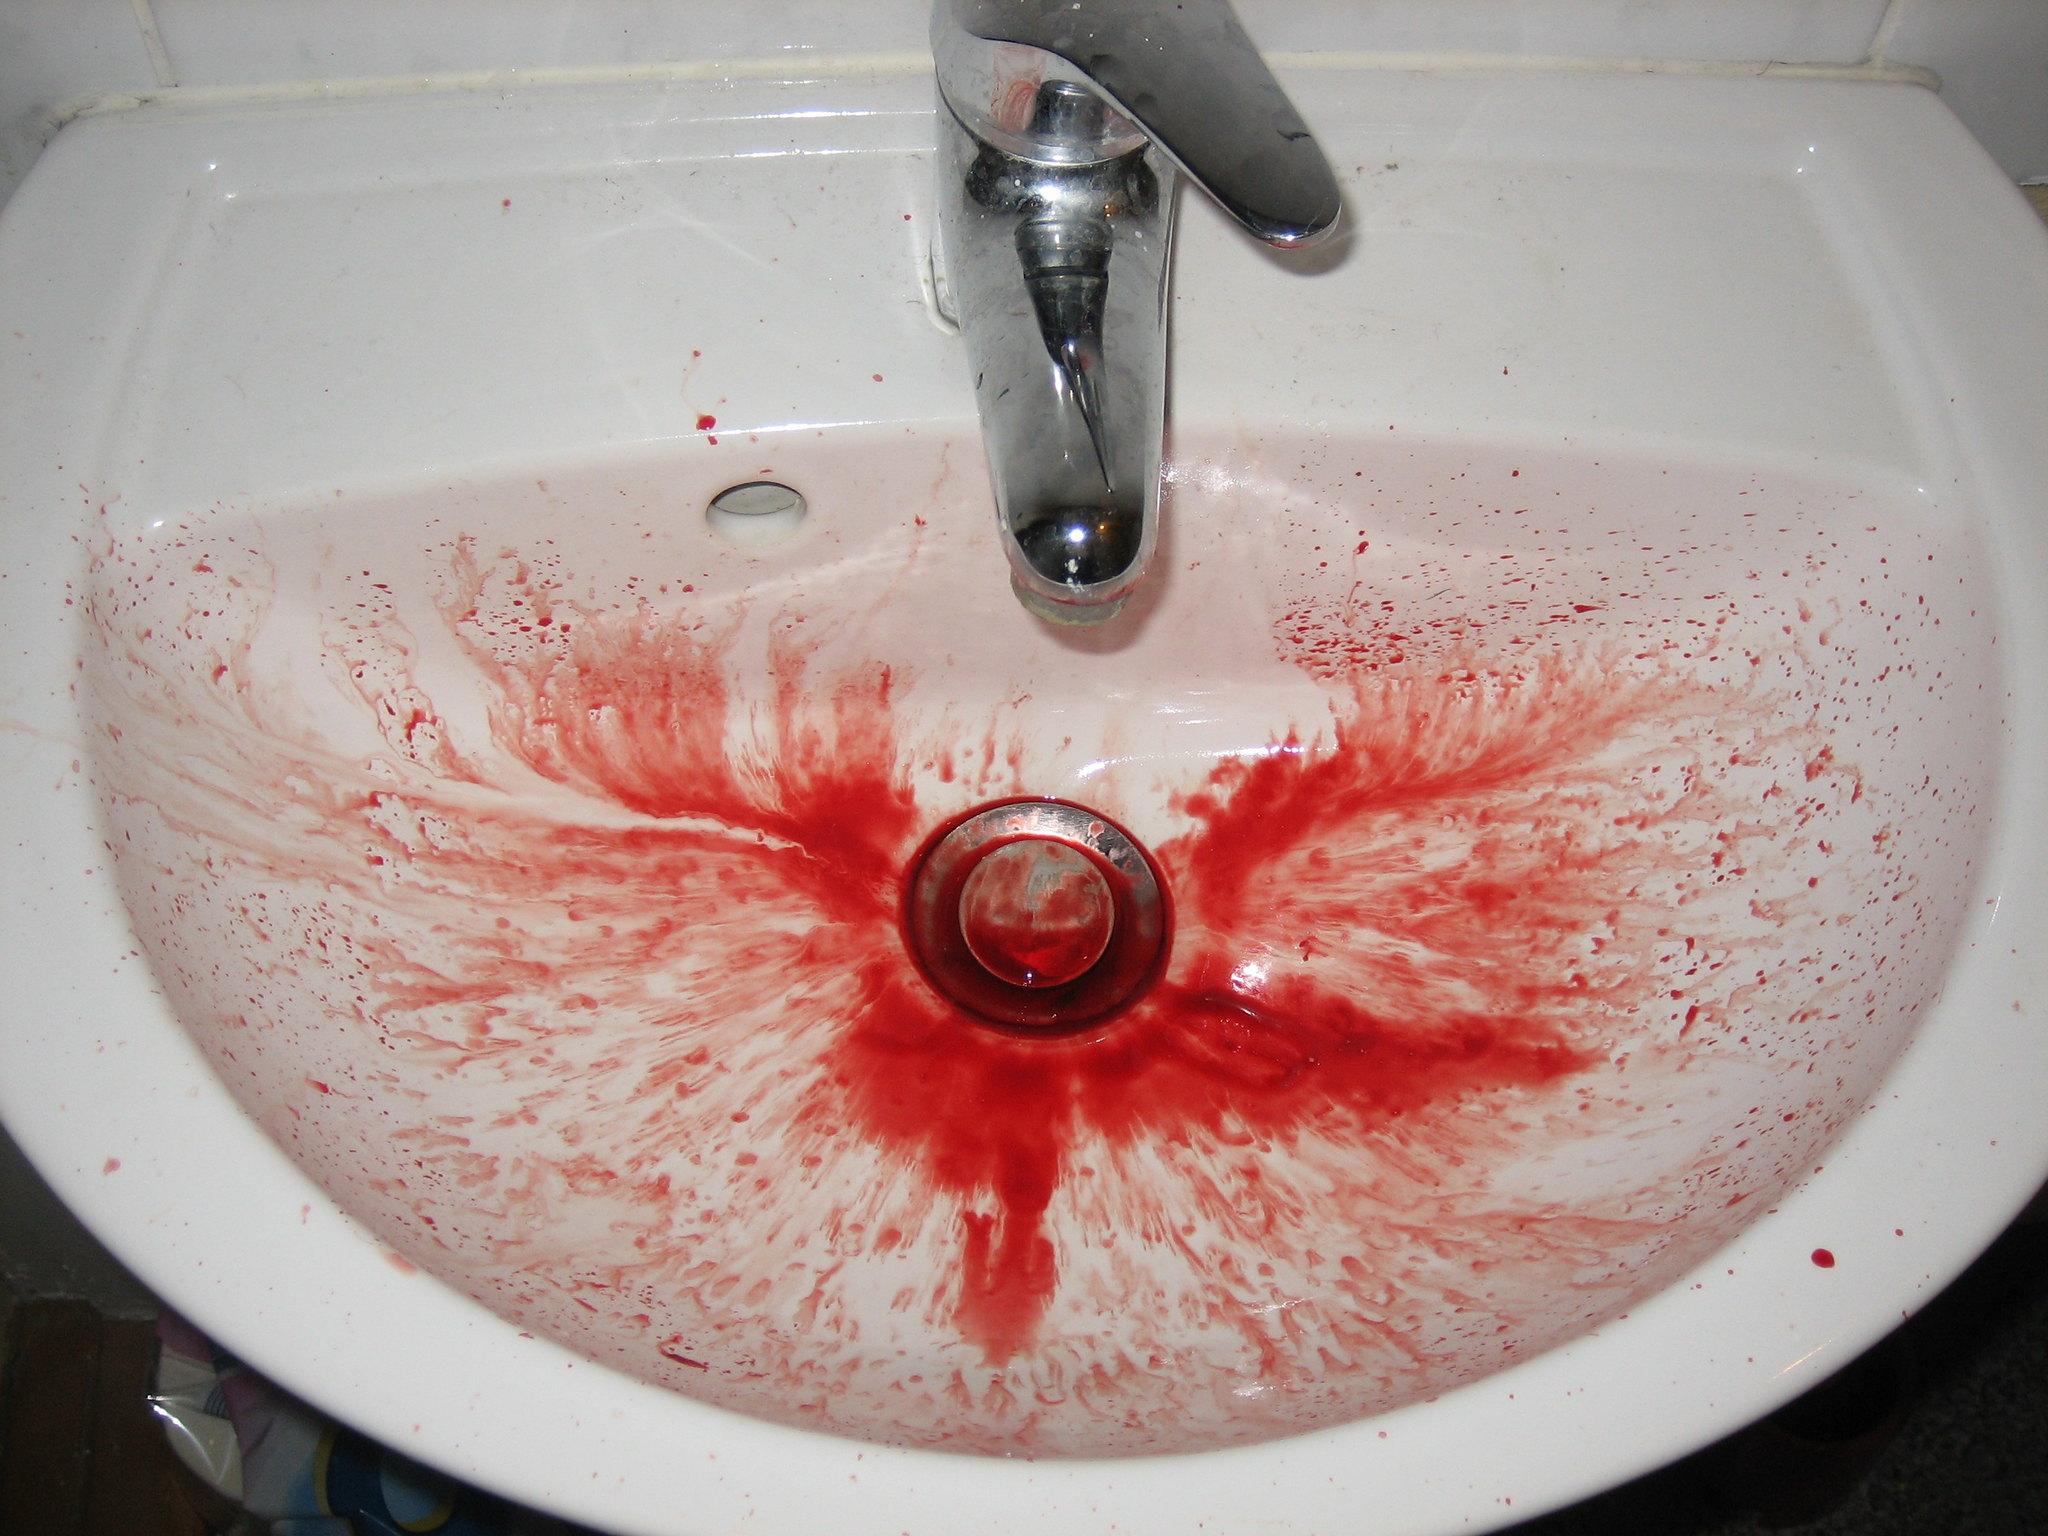 Опасно ли кровотечение из носа со сгустками крови?